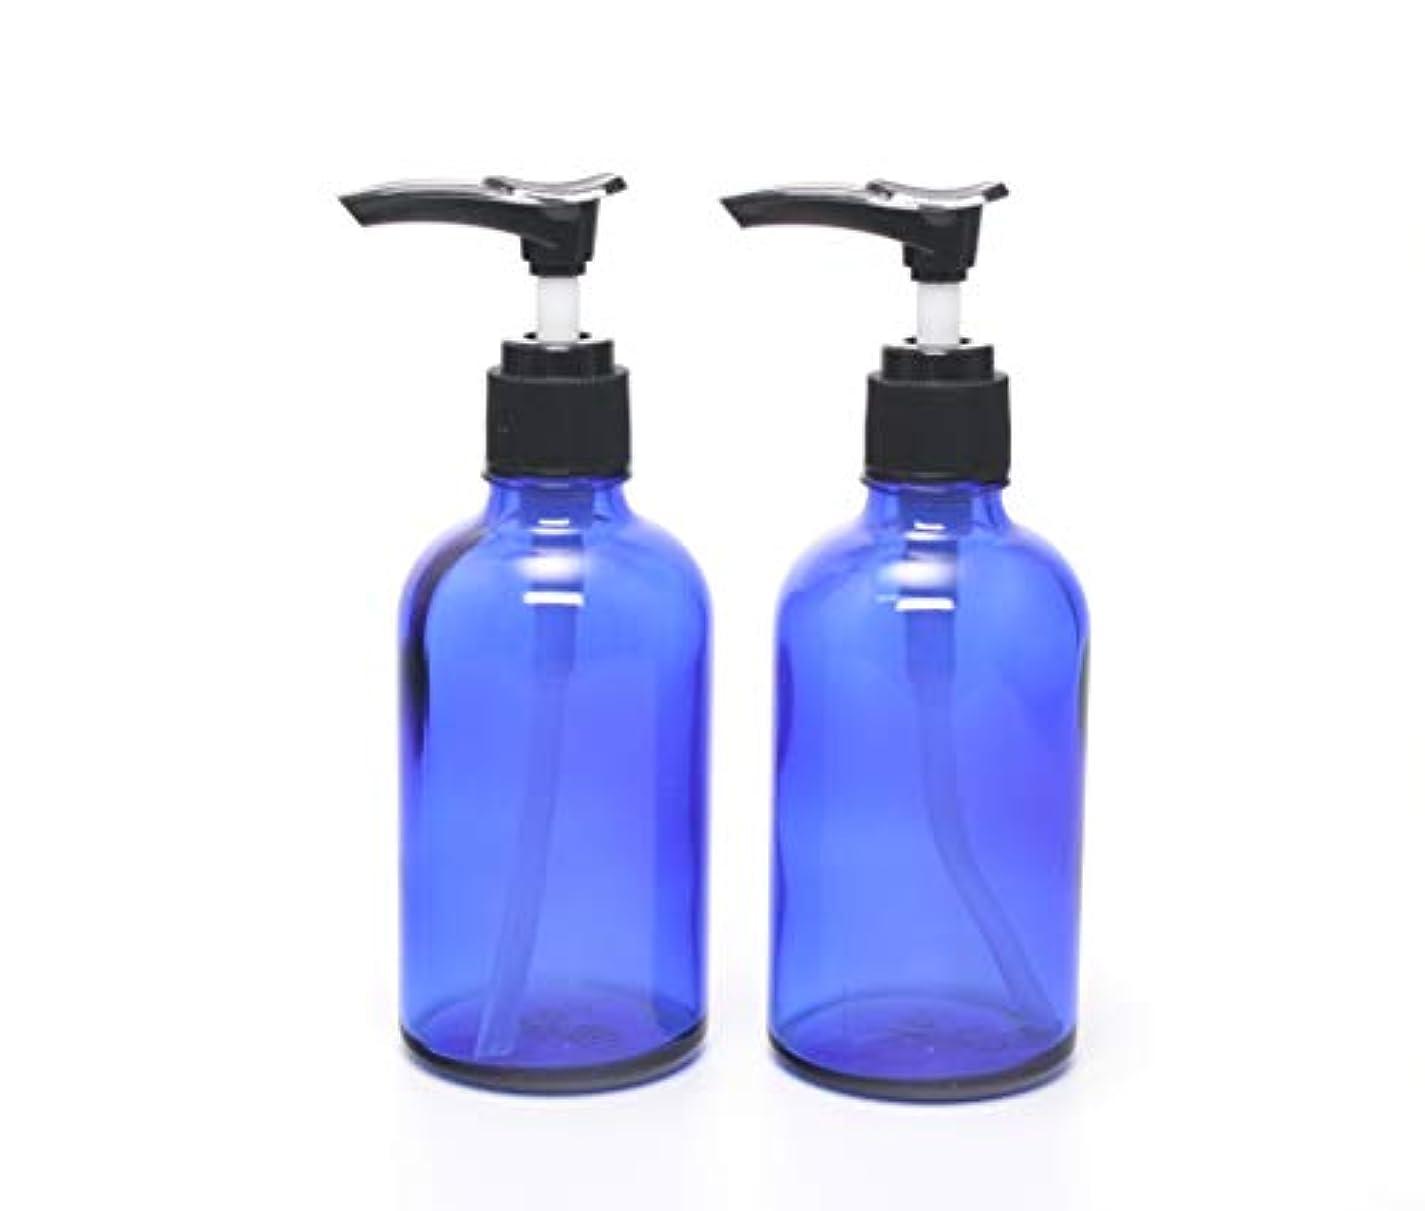 自伝ちょっと待って気質遮光瓶 ポンプボトル (硝子) 100ml / ブルー ? ブラックポンプヘッド (2本セット)